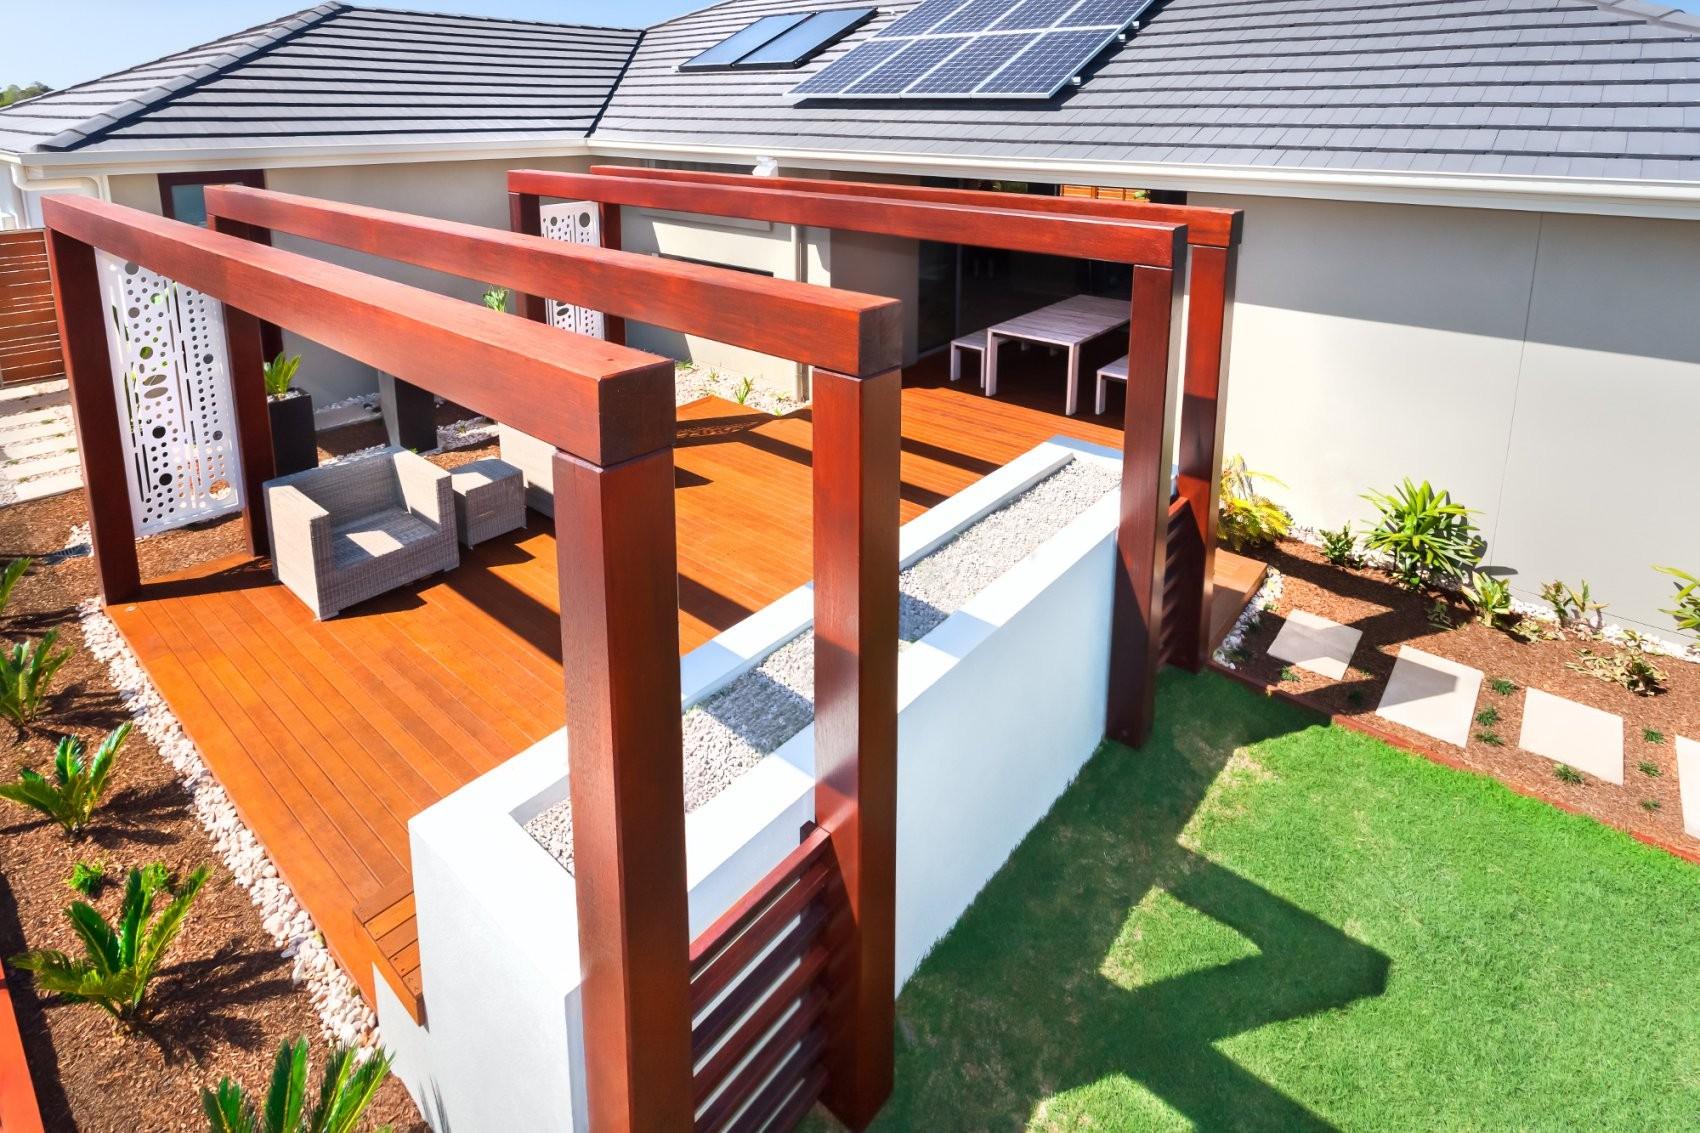 Welche Und Wie Viele Stützen Benötigt Eine Terrassenüberdachung von Freistehende Terrassenüberdachung Selber Bauen Bild